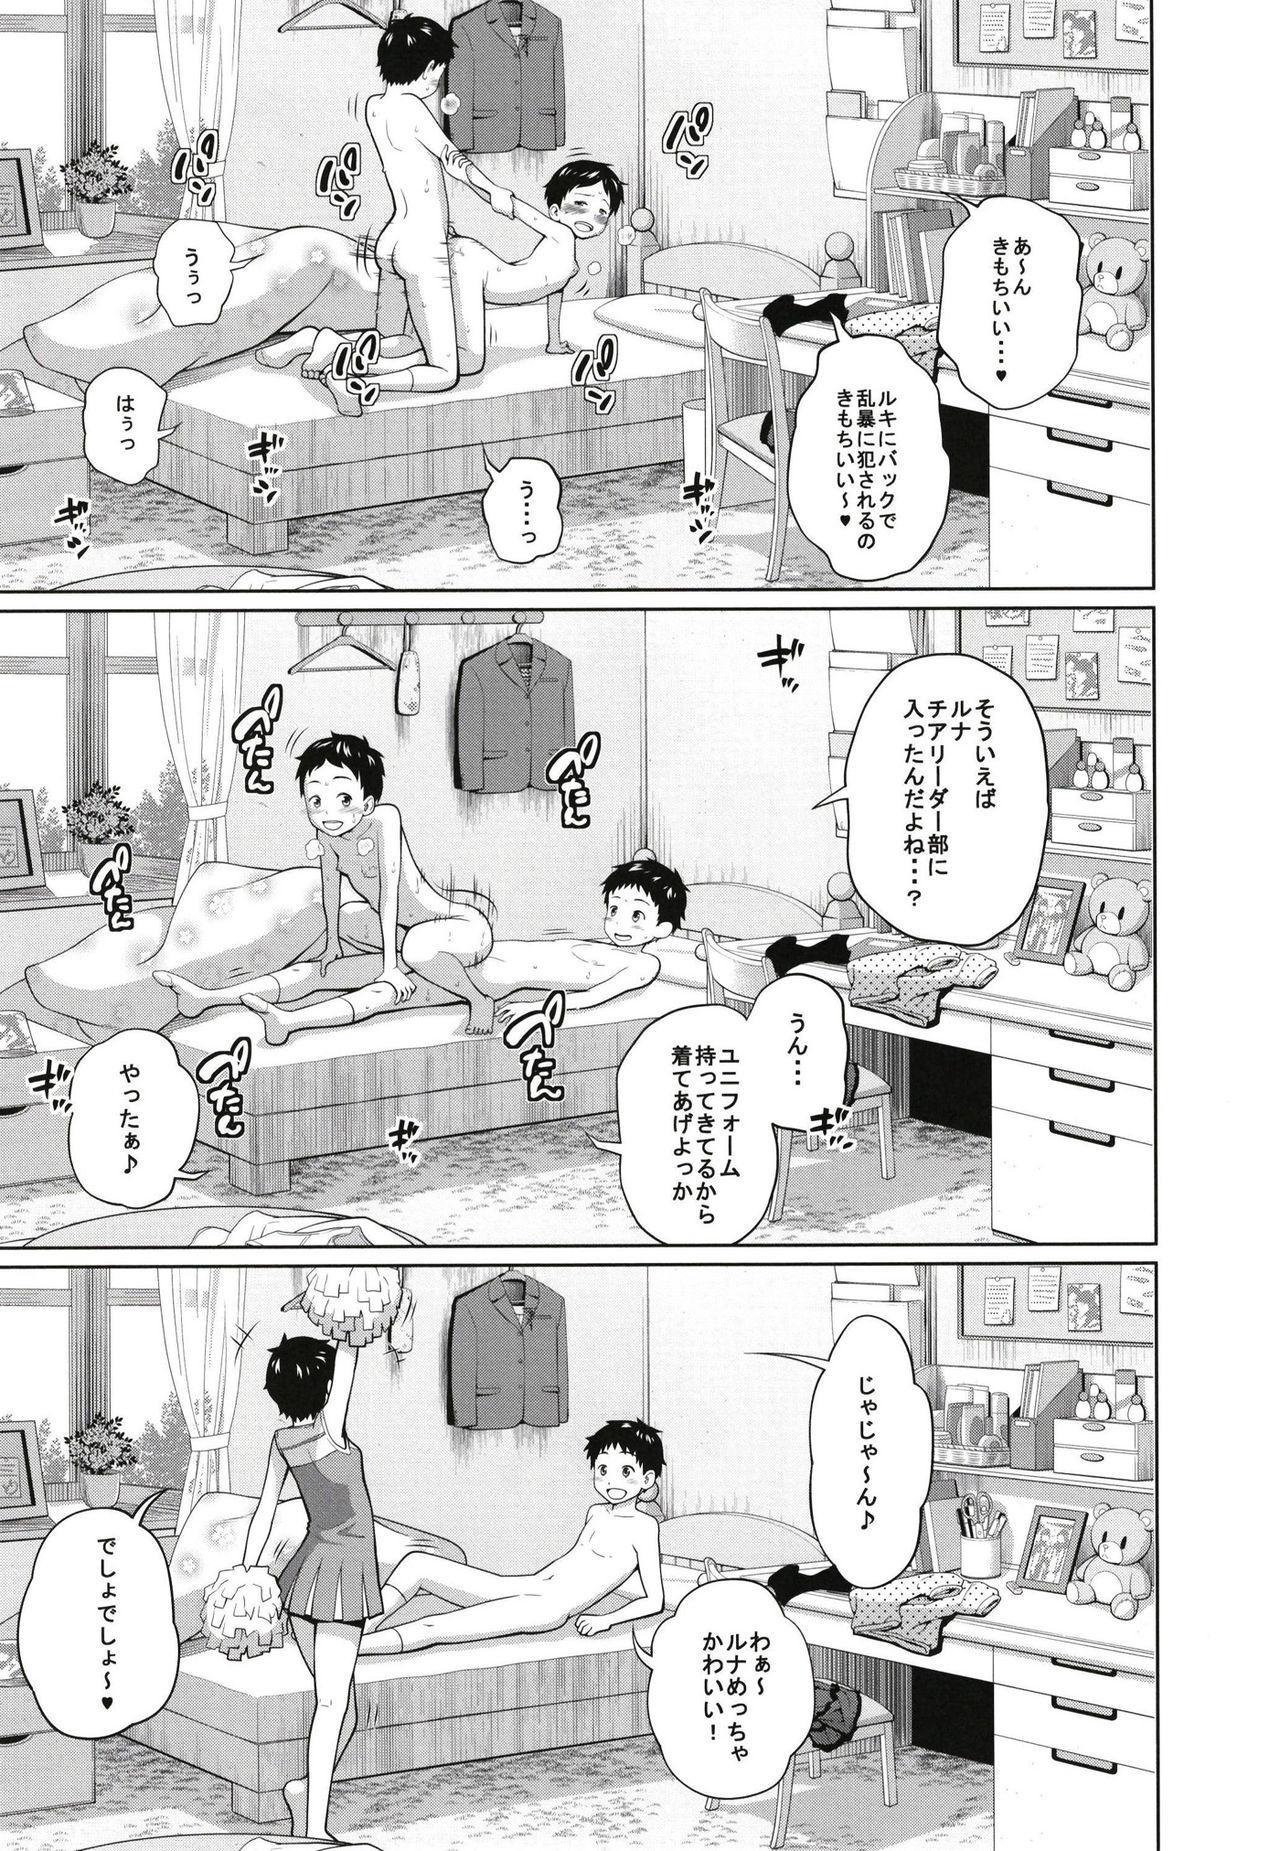 Kono Naka ni Kinshin Soukan Shiteiru Musume ga 3-nin Imasu #3 14